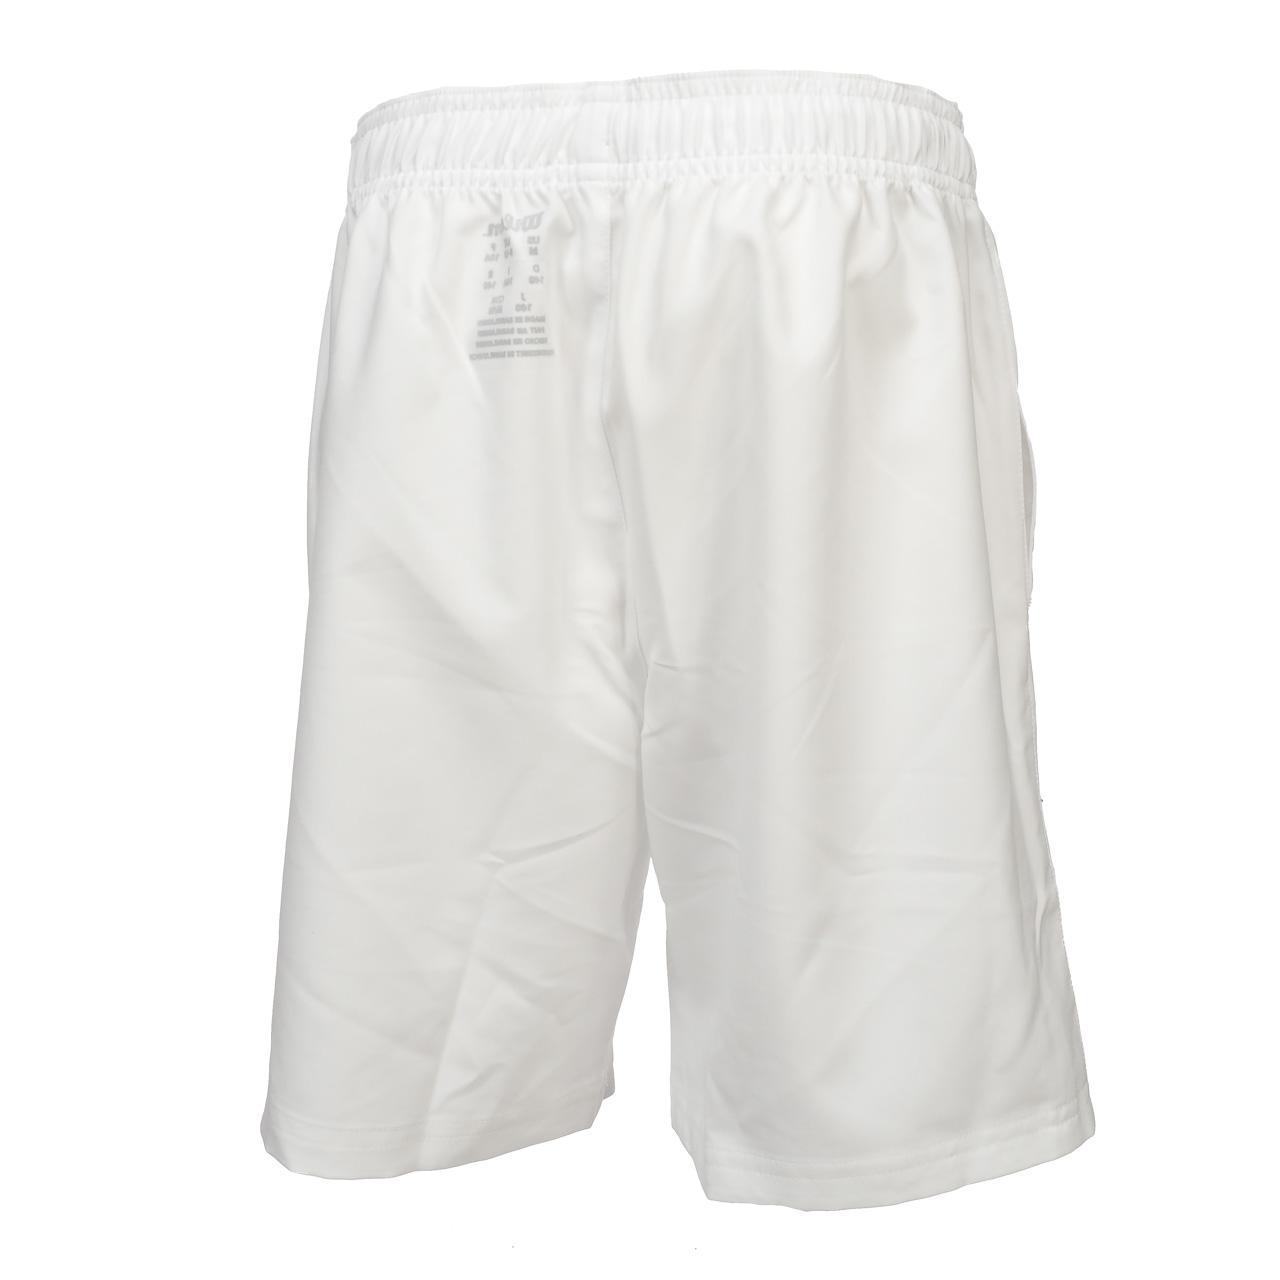 Short-de-tennis-Wilson-Team-7-blc-short-junior-Blanc-15570-Neuf miniature 4